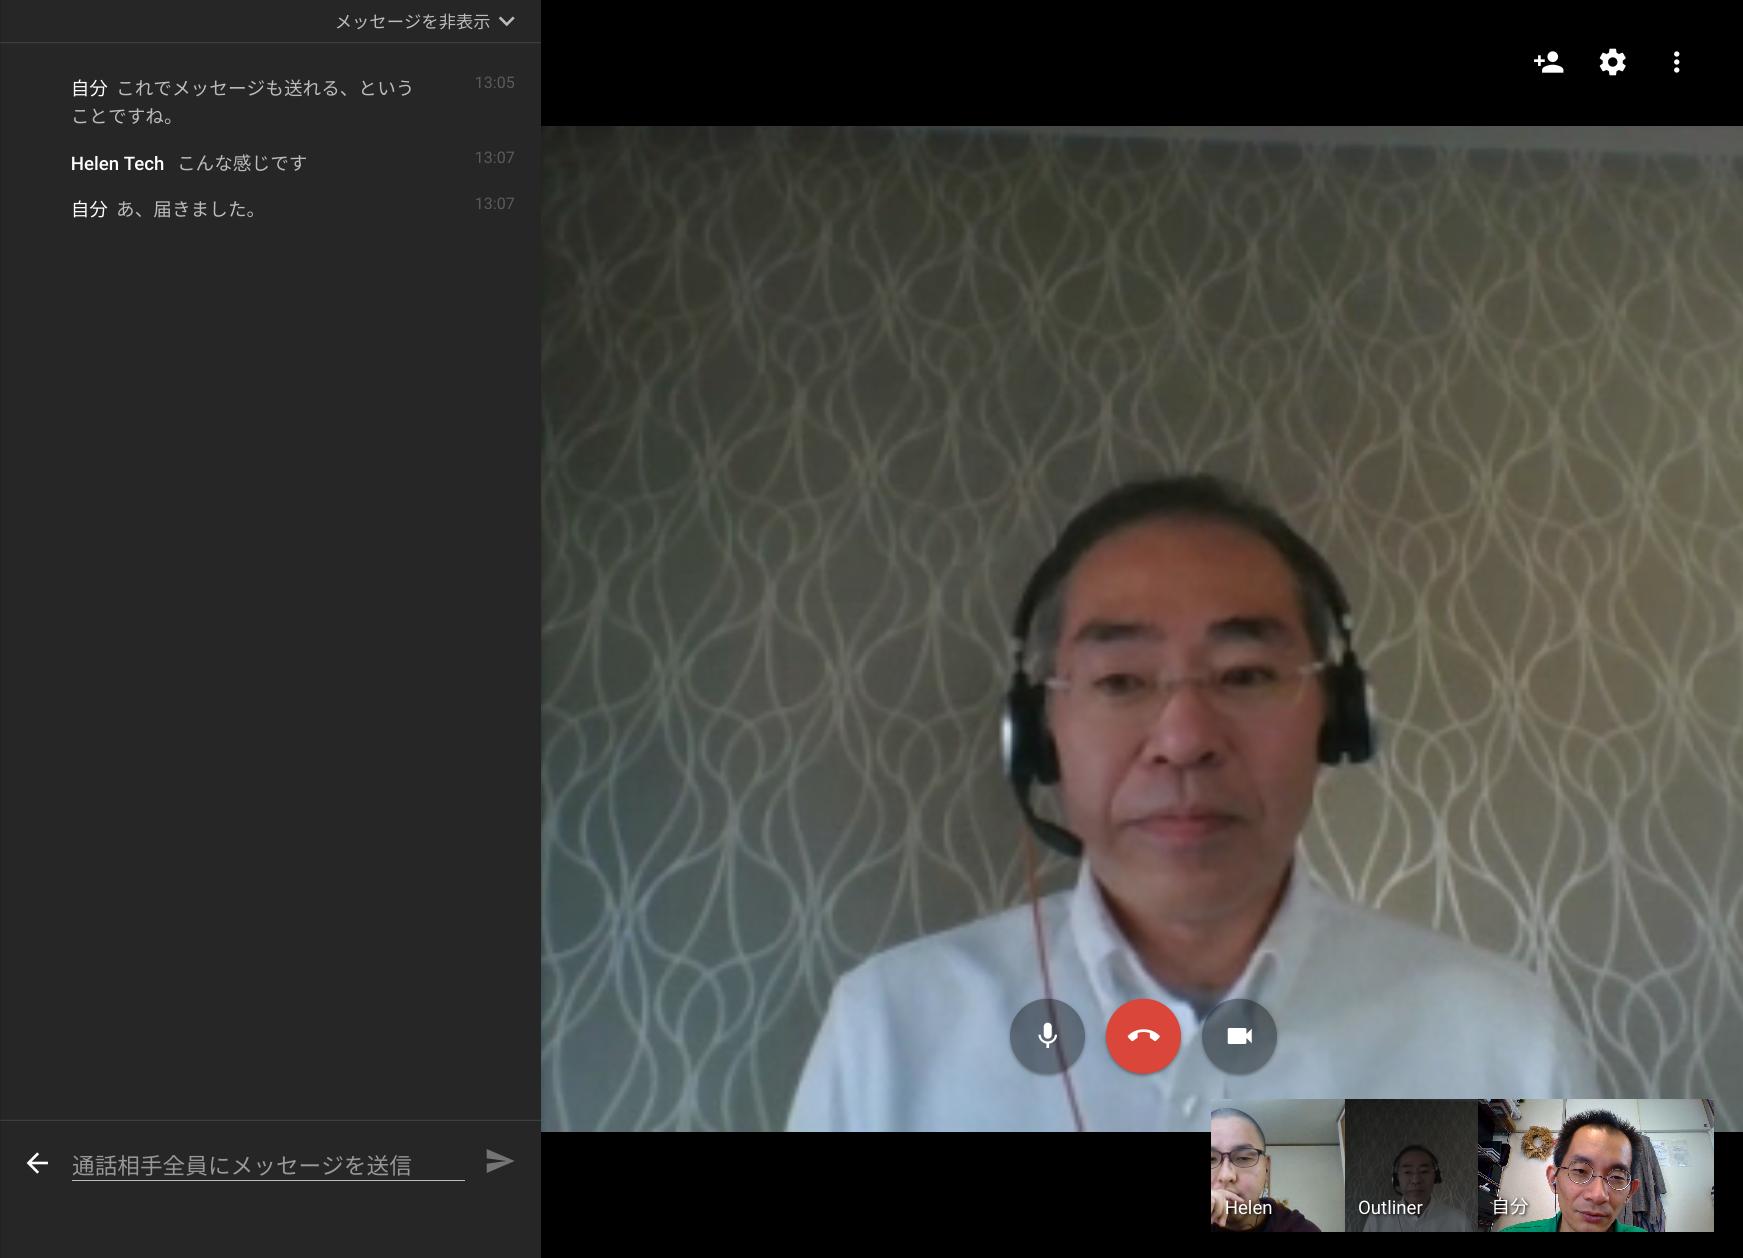 [かぶ] Chromebookオンラインミーティングが来週開催。国内外からのご参加お待ちしています。